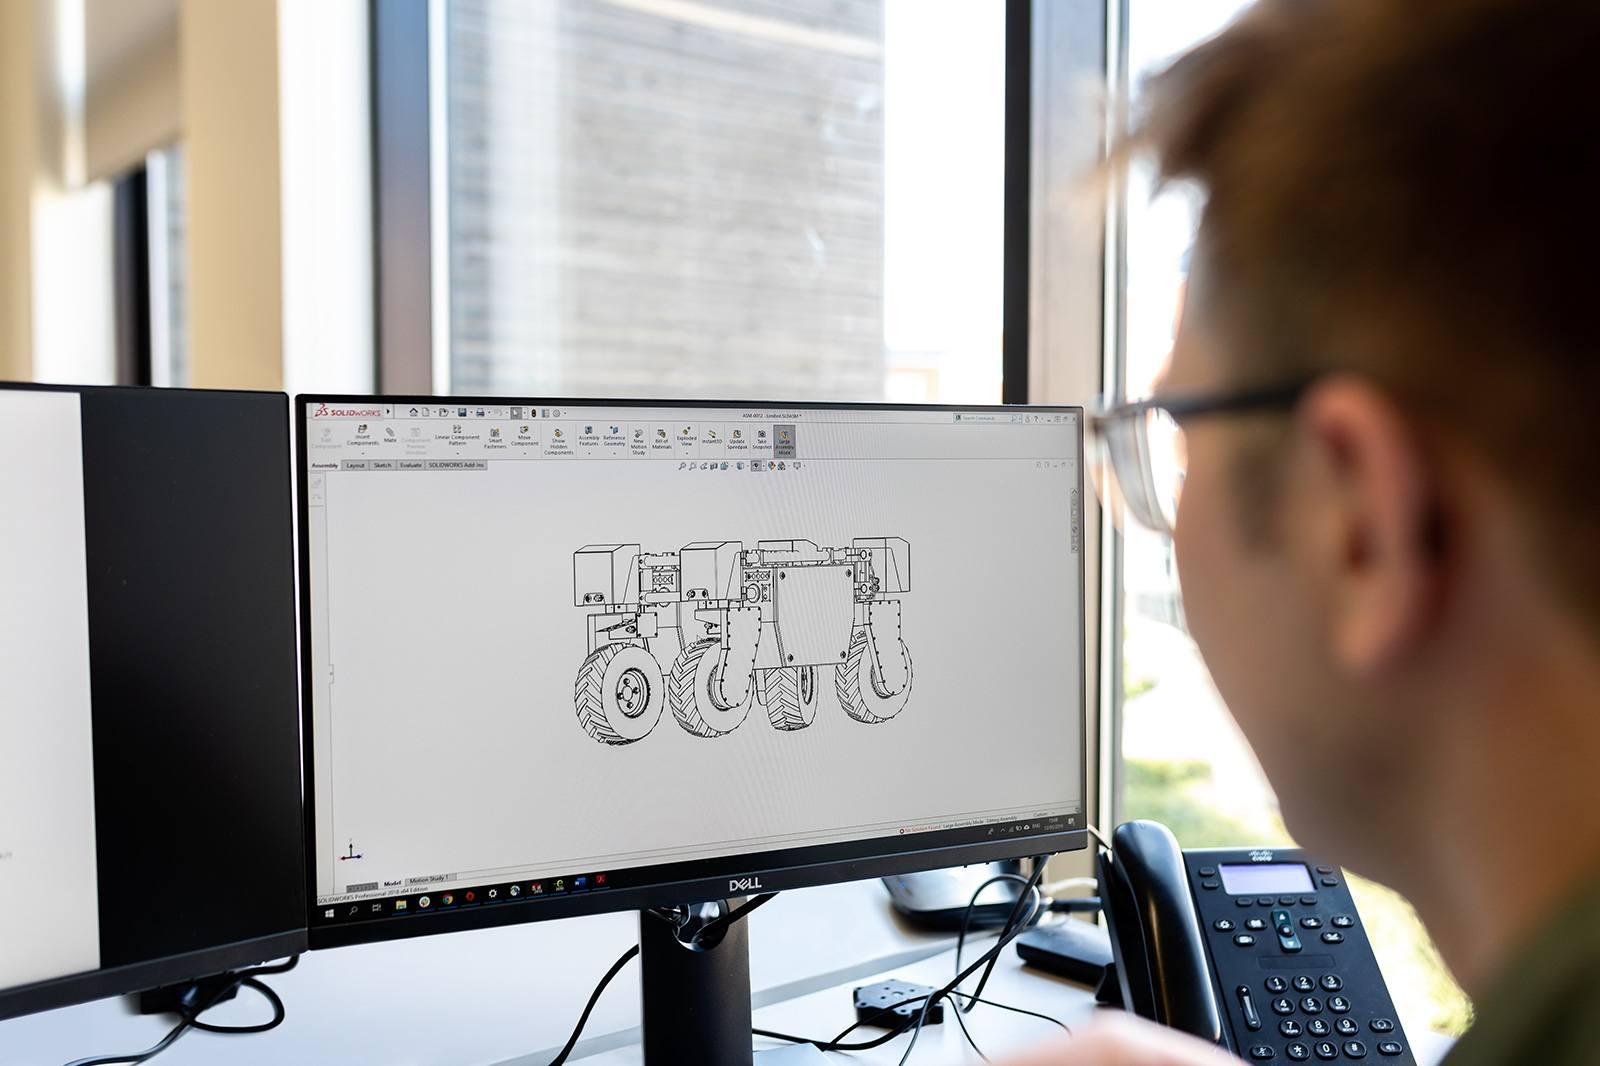 software-engineering-eot-1600-opt